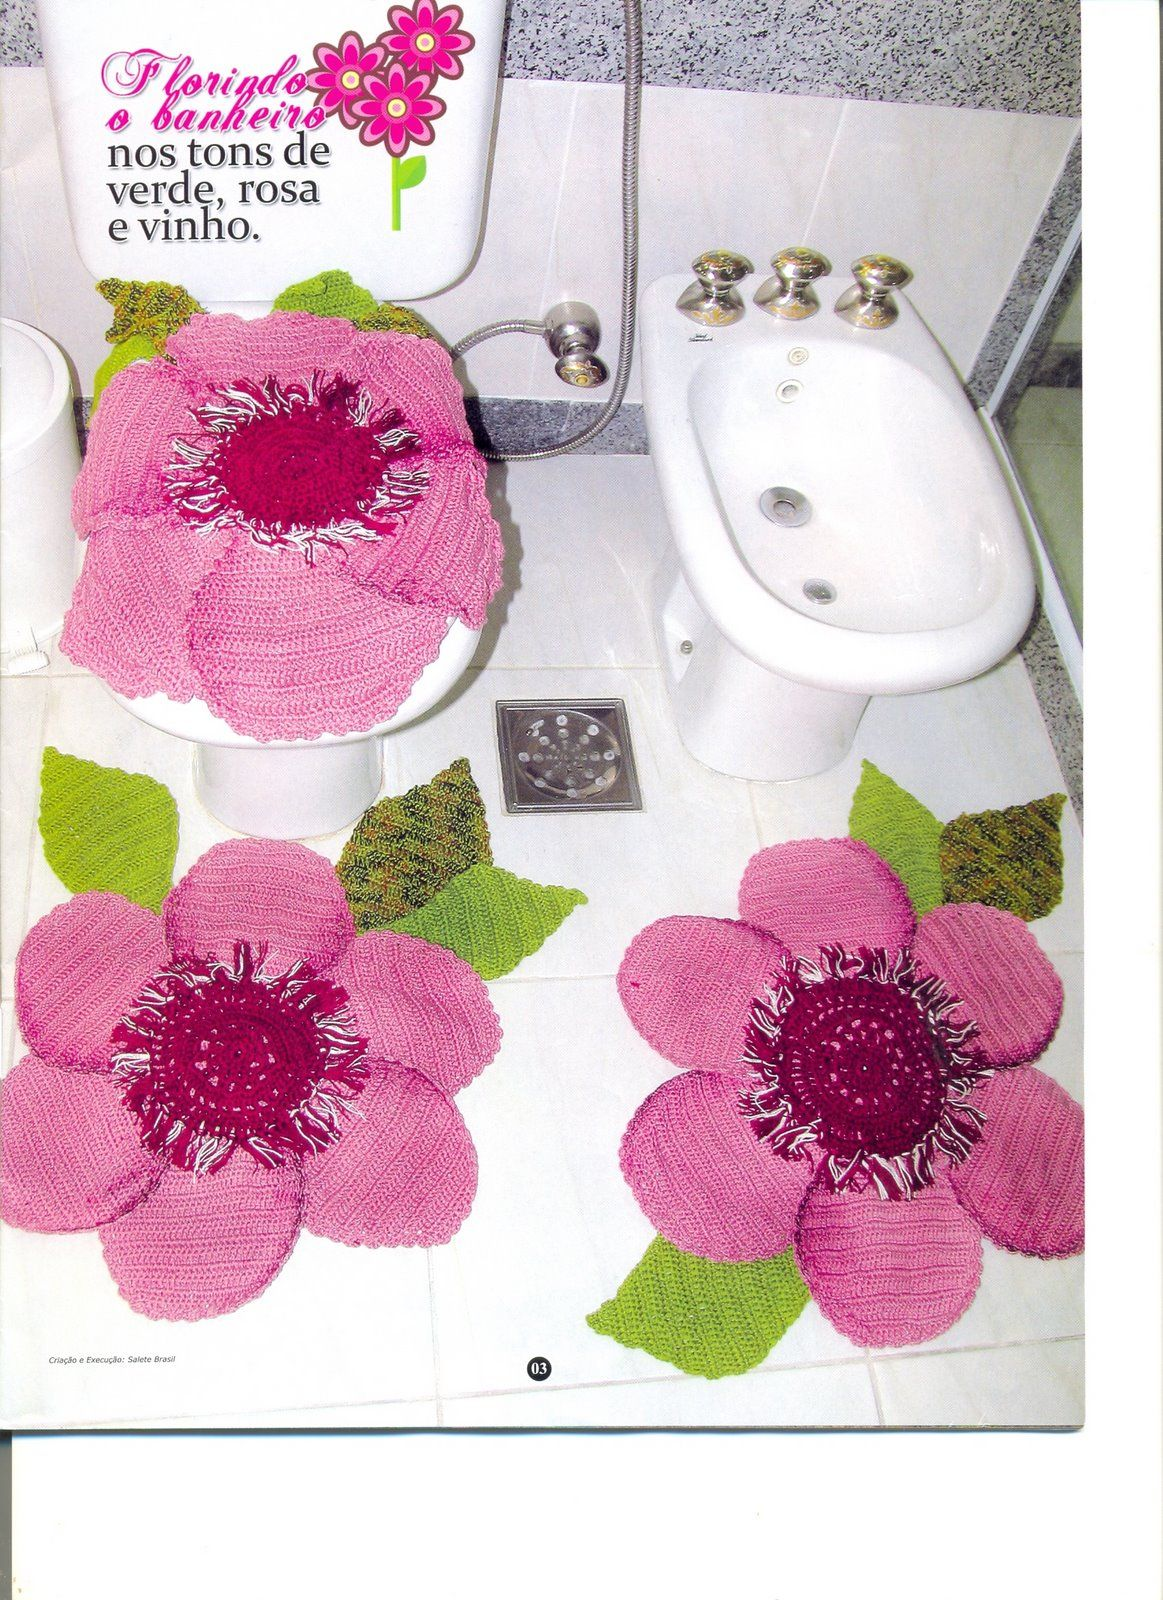 Wanda Arte em Crochê: Jogos de Banheiro #820E42 1163 1600